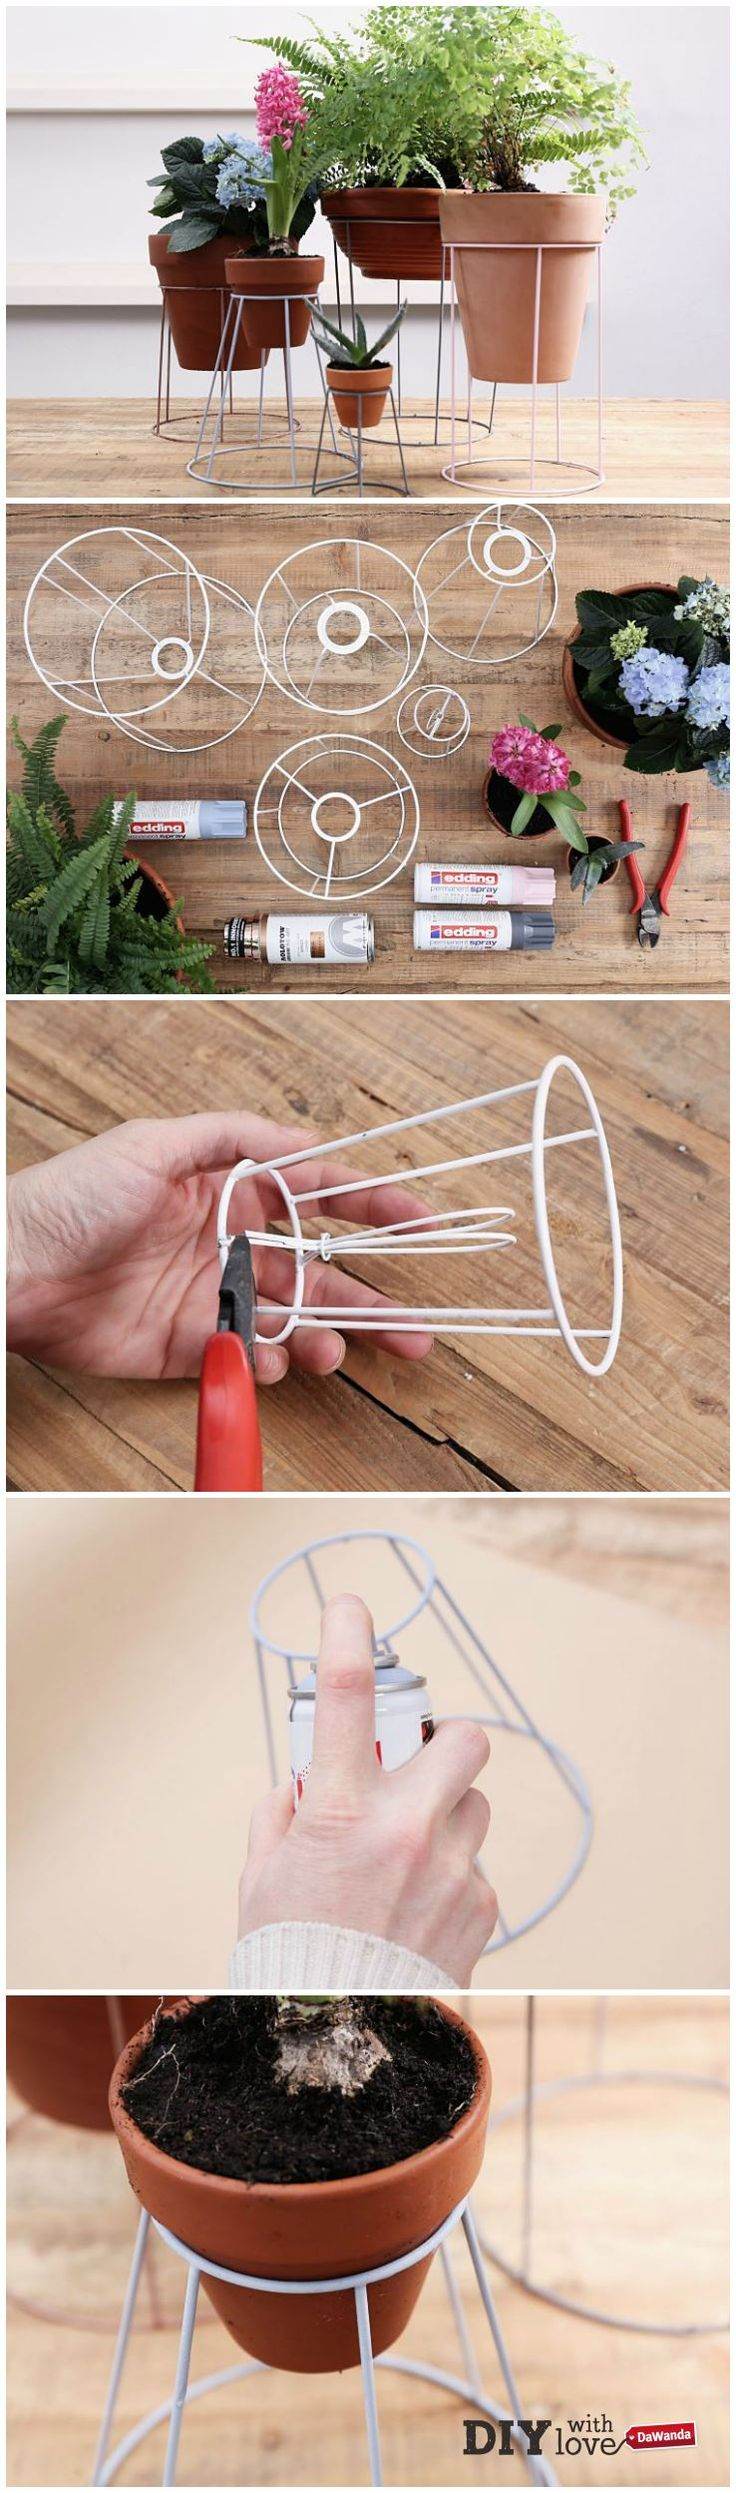 Oltre 1000 idee su Progetti Con Vasi Di Terracotta su Pinterest ...